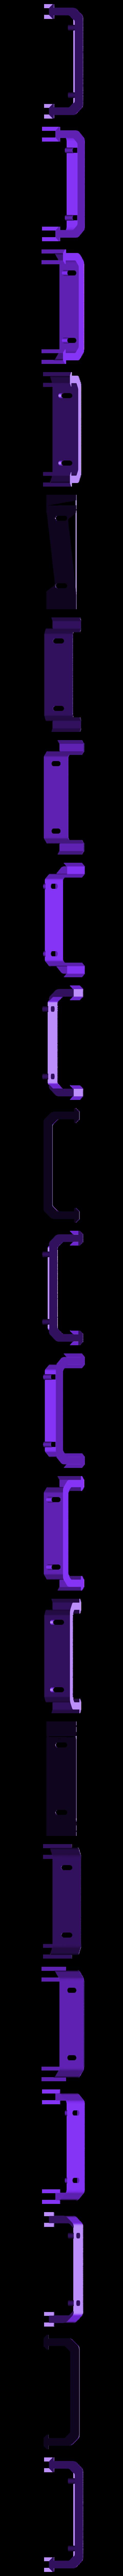 slider-bearing-support.stl Télécharger fichier STL gratuit Slider de caméra motorisé MK3 • Modèle pour impression 3D, Adafruit